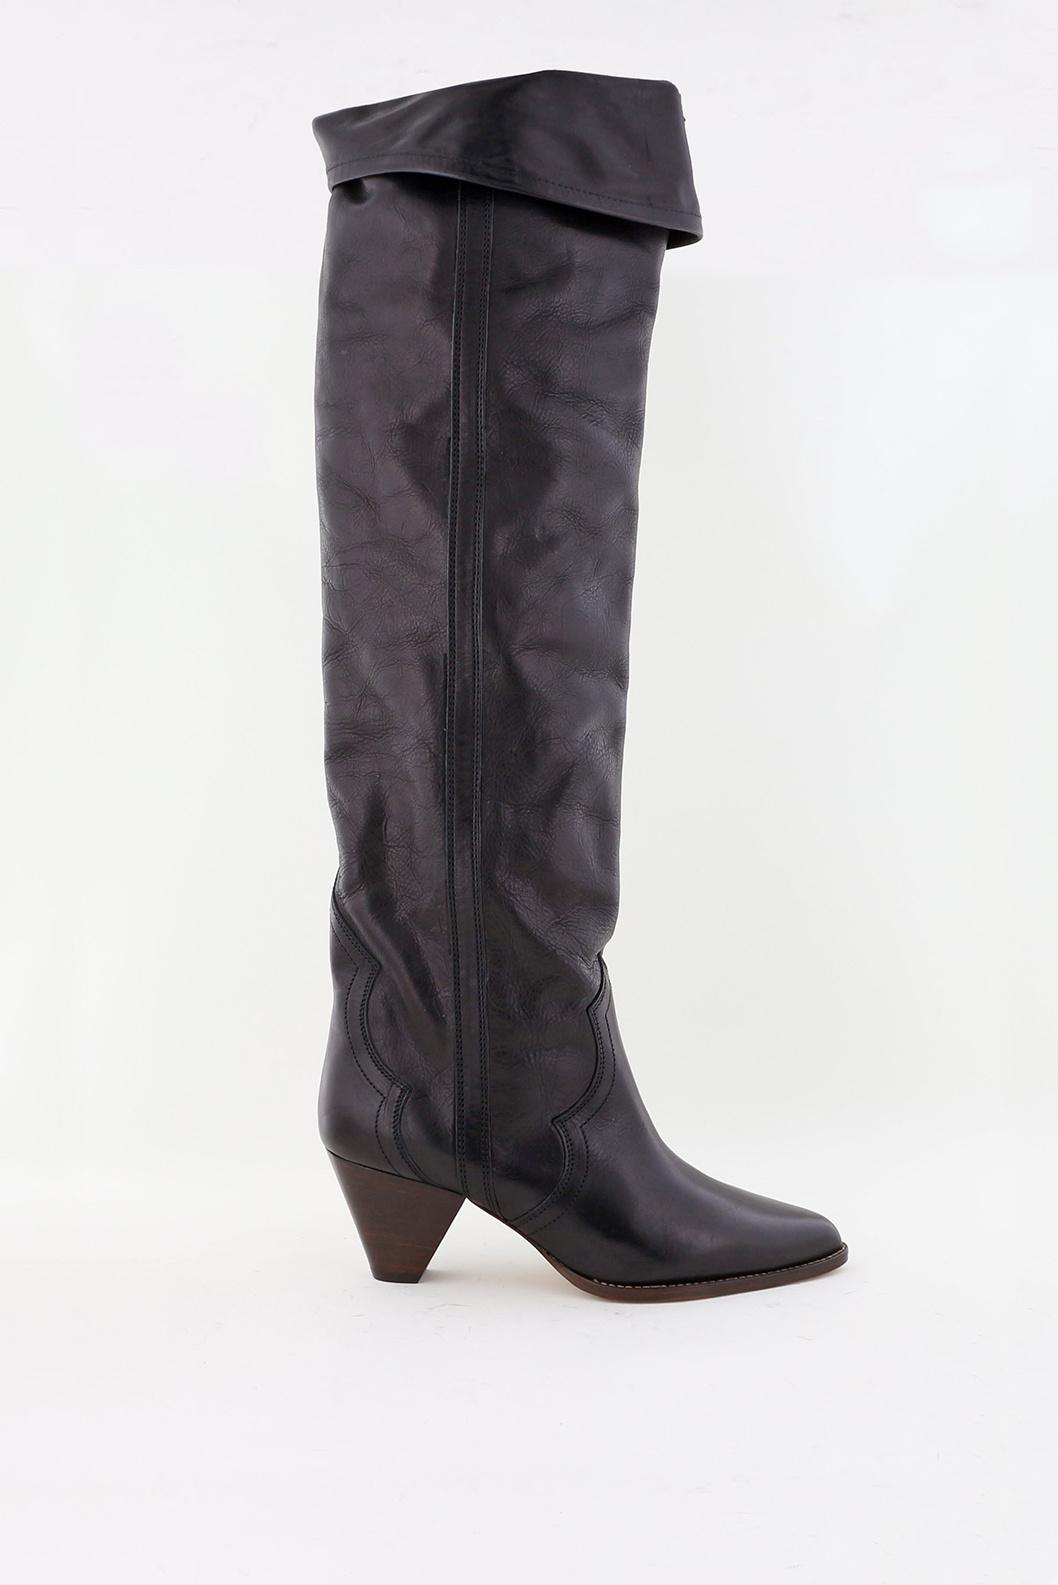 Isabel Marant overknee laarzen Remko CD0035 20A041S zwart